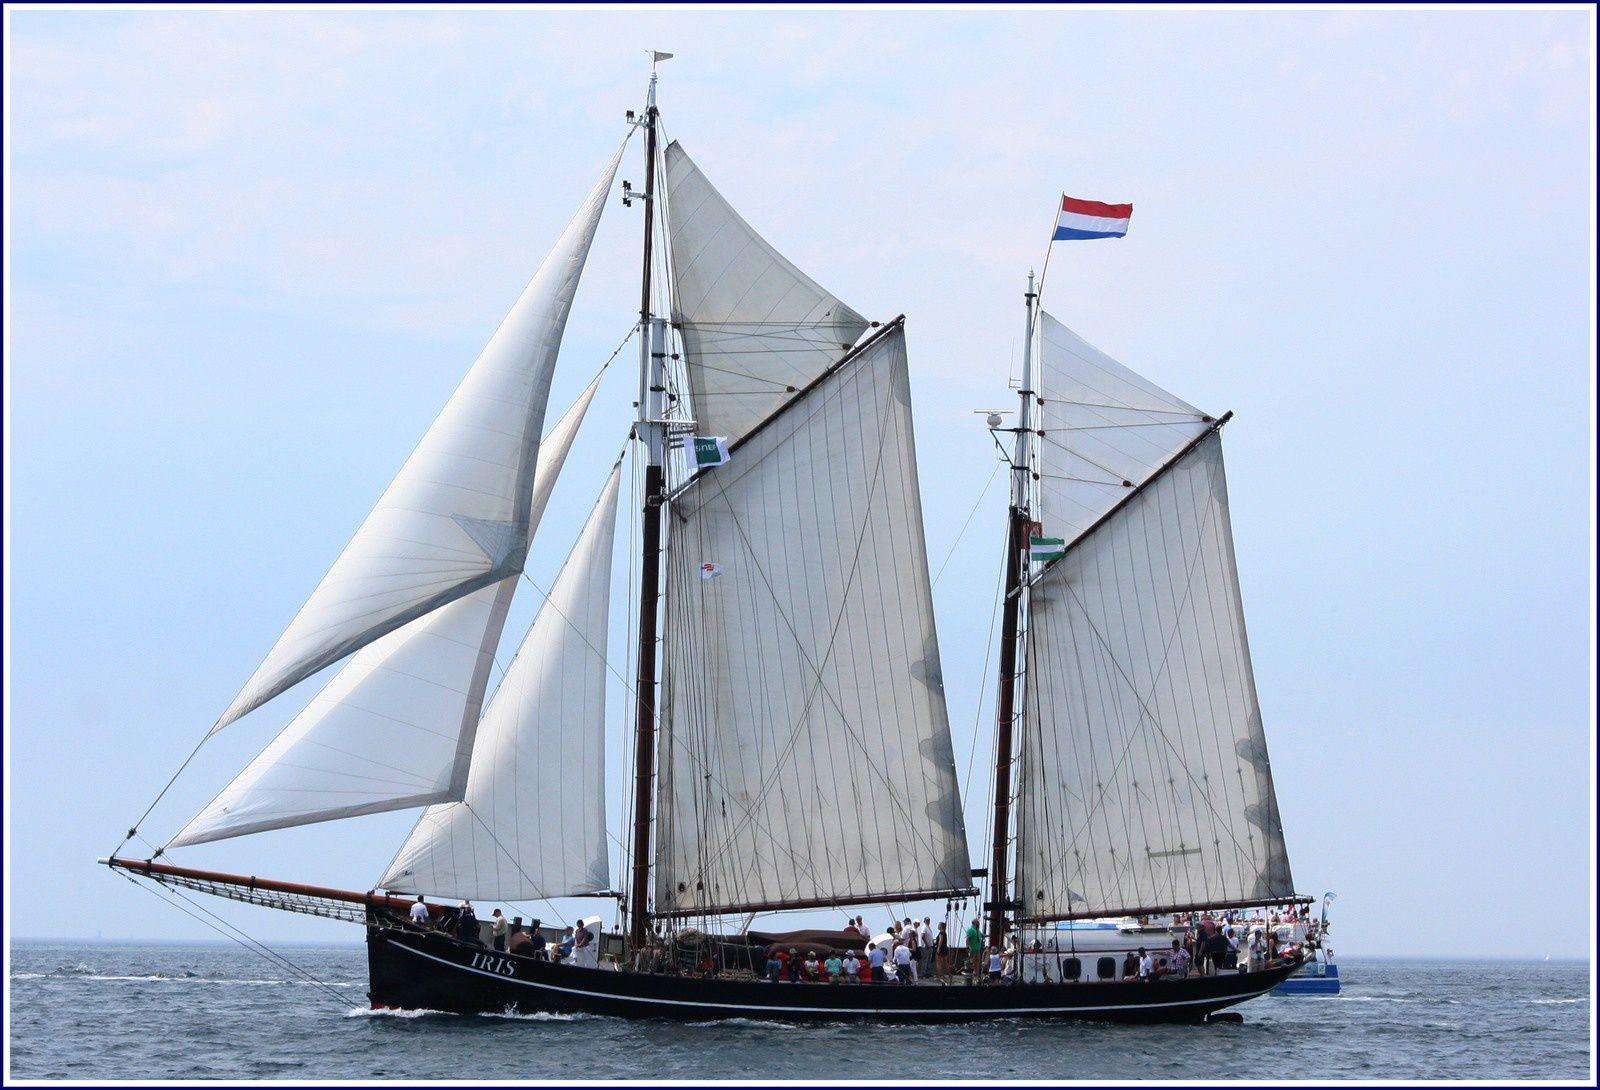 280 - Rencontres bateaux au fil de l'eau 11ème 2016 07 19 photos voiliers armada, parade Brest-Douarnenez